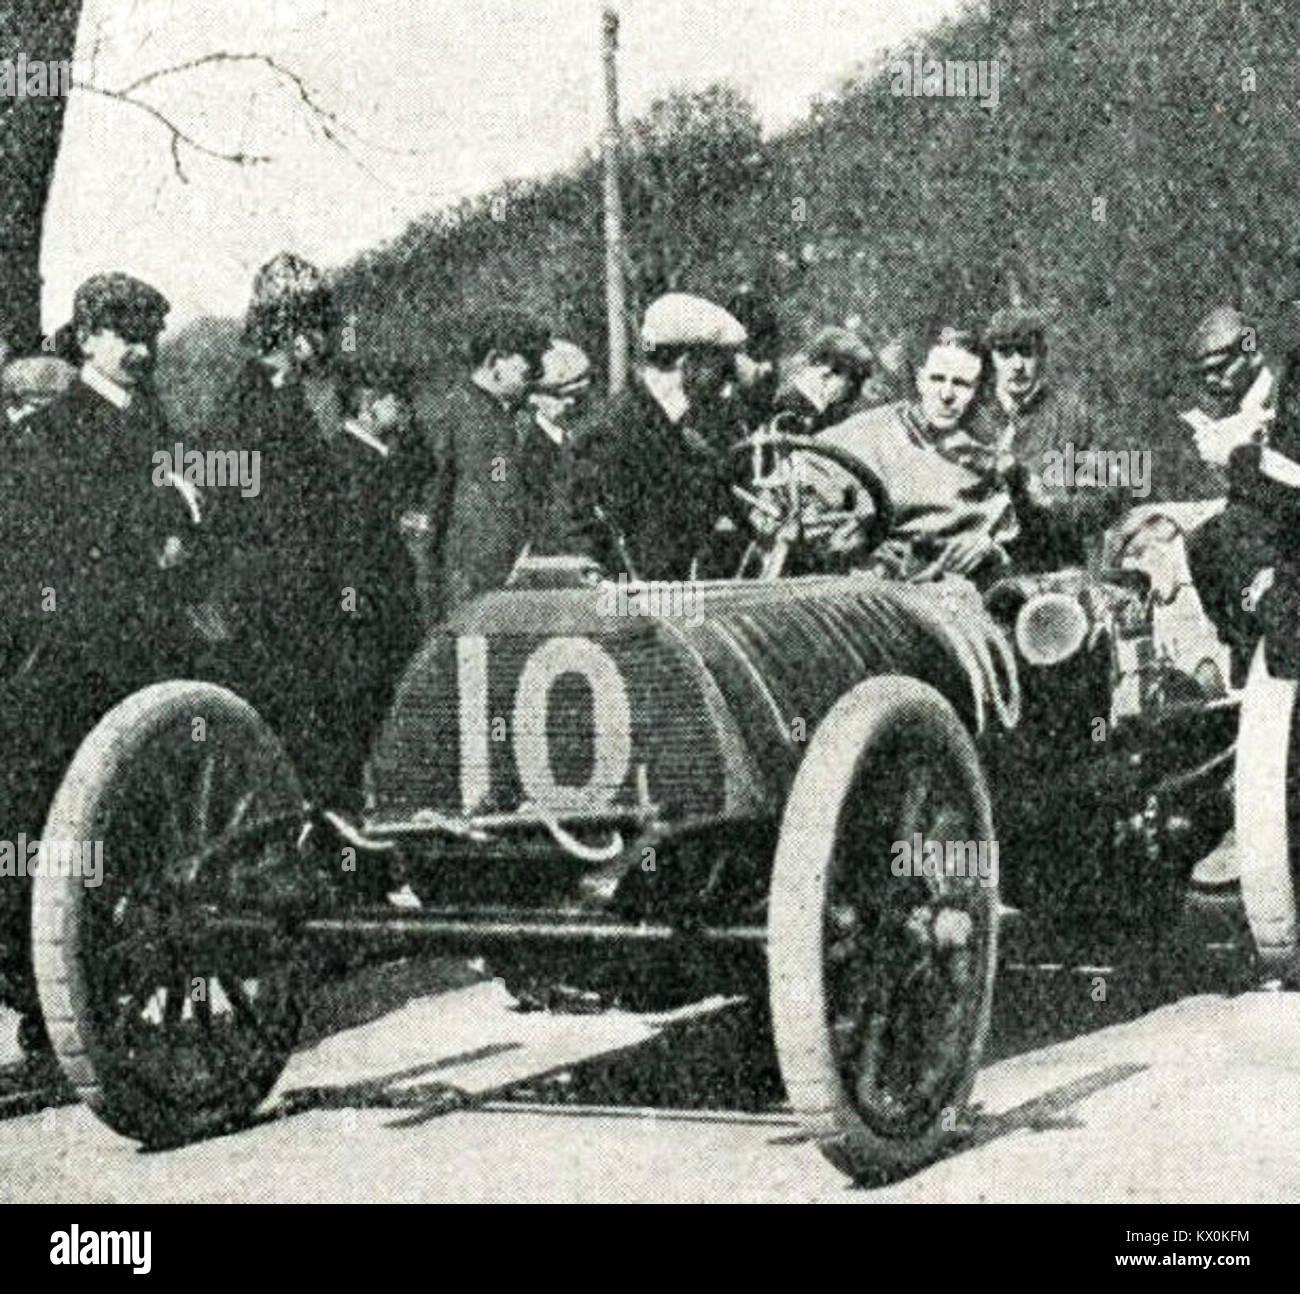 Sidney Girling, Deuxième qualifié des éliminatoires anglaises De la Coupe Gordon Bennett 1904, sur Stockbild